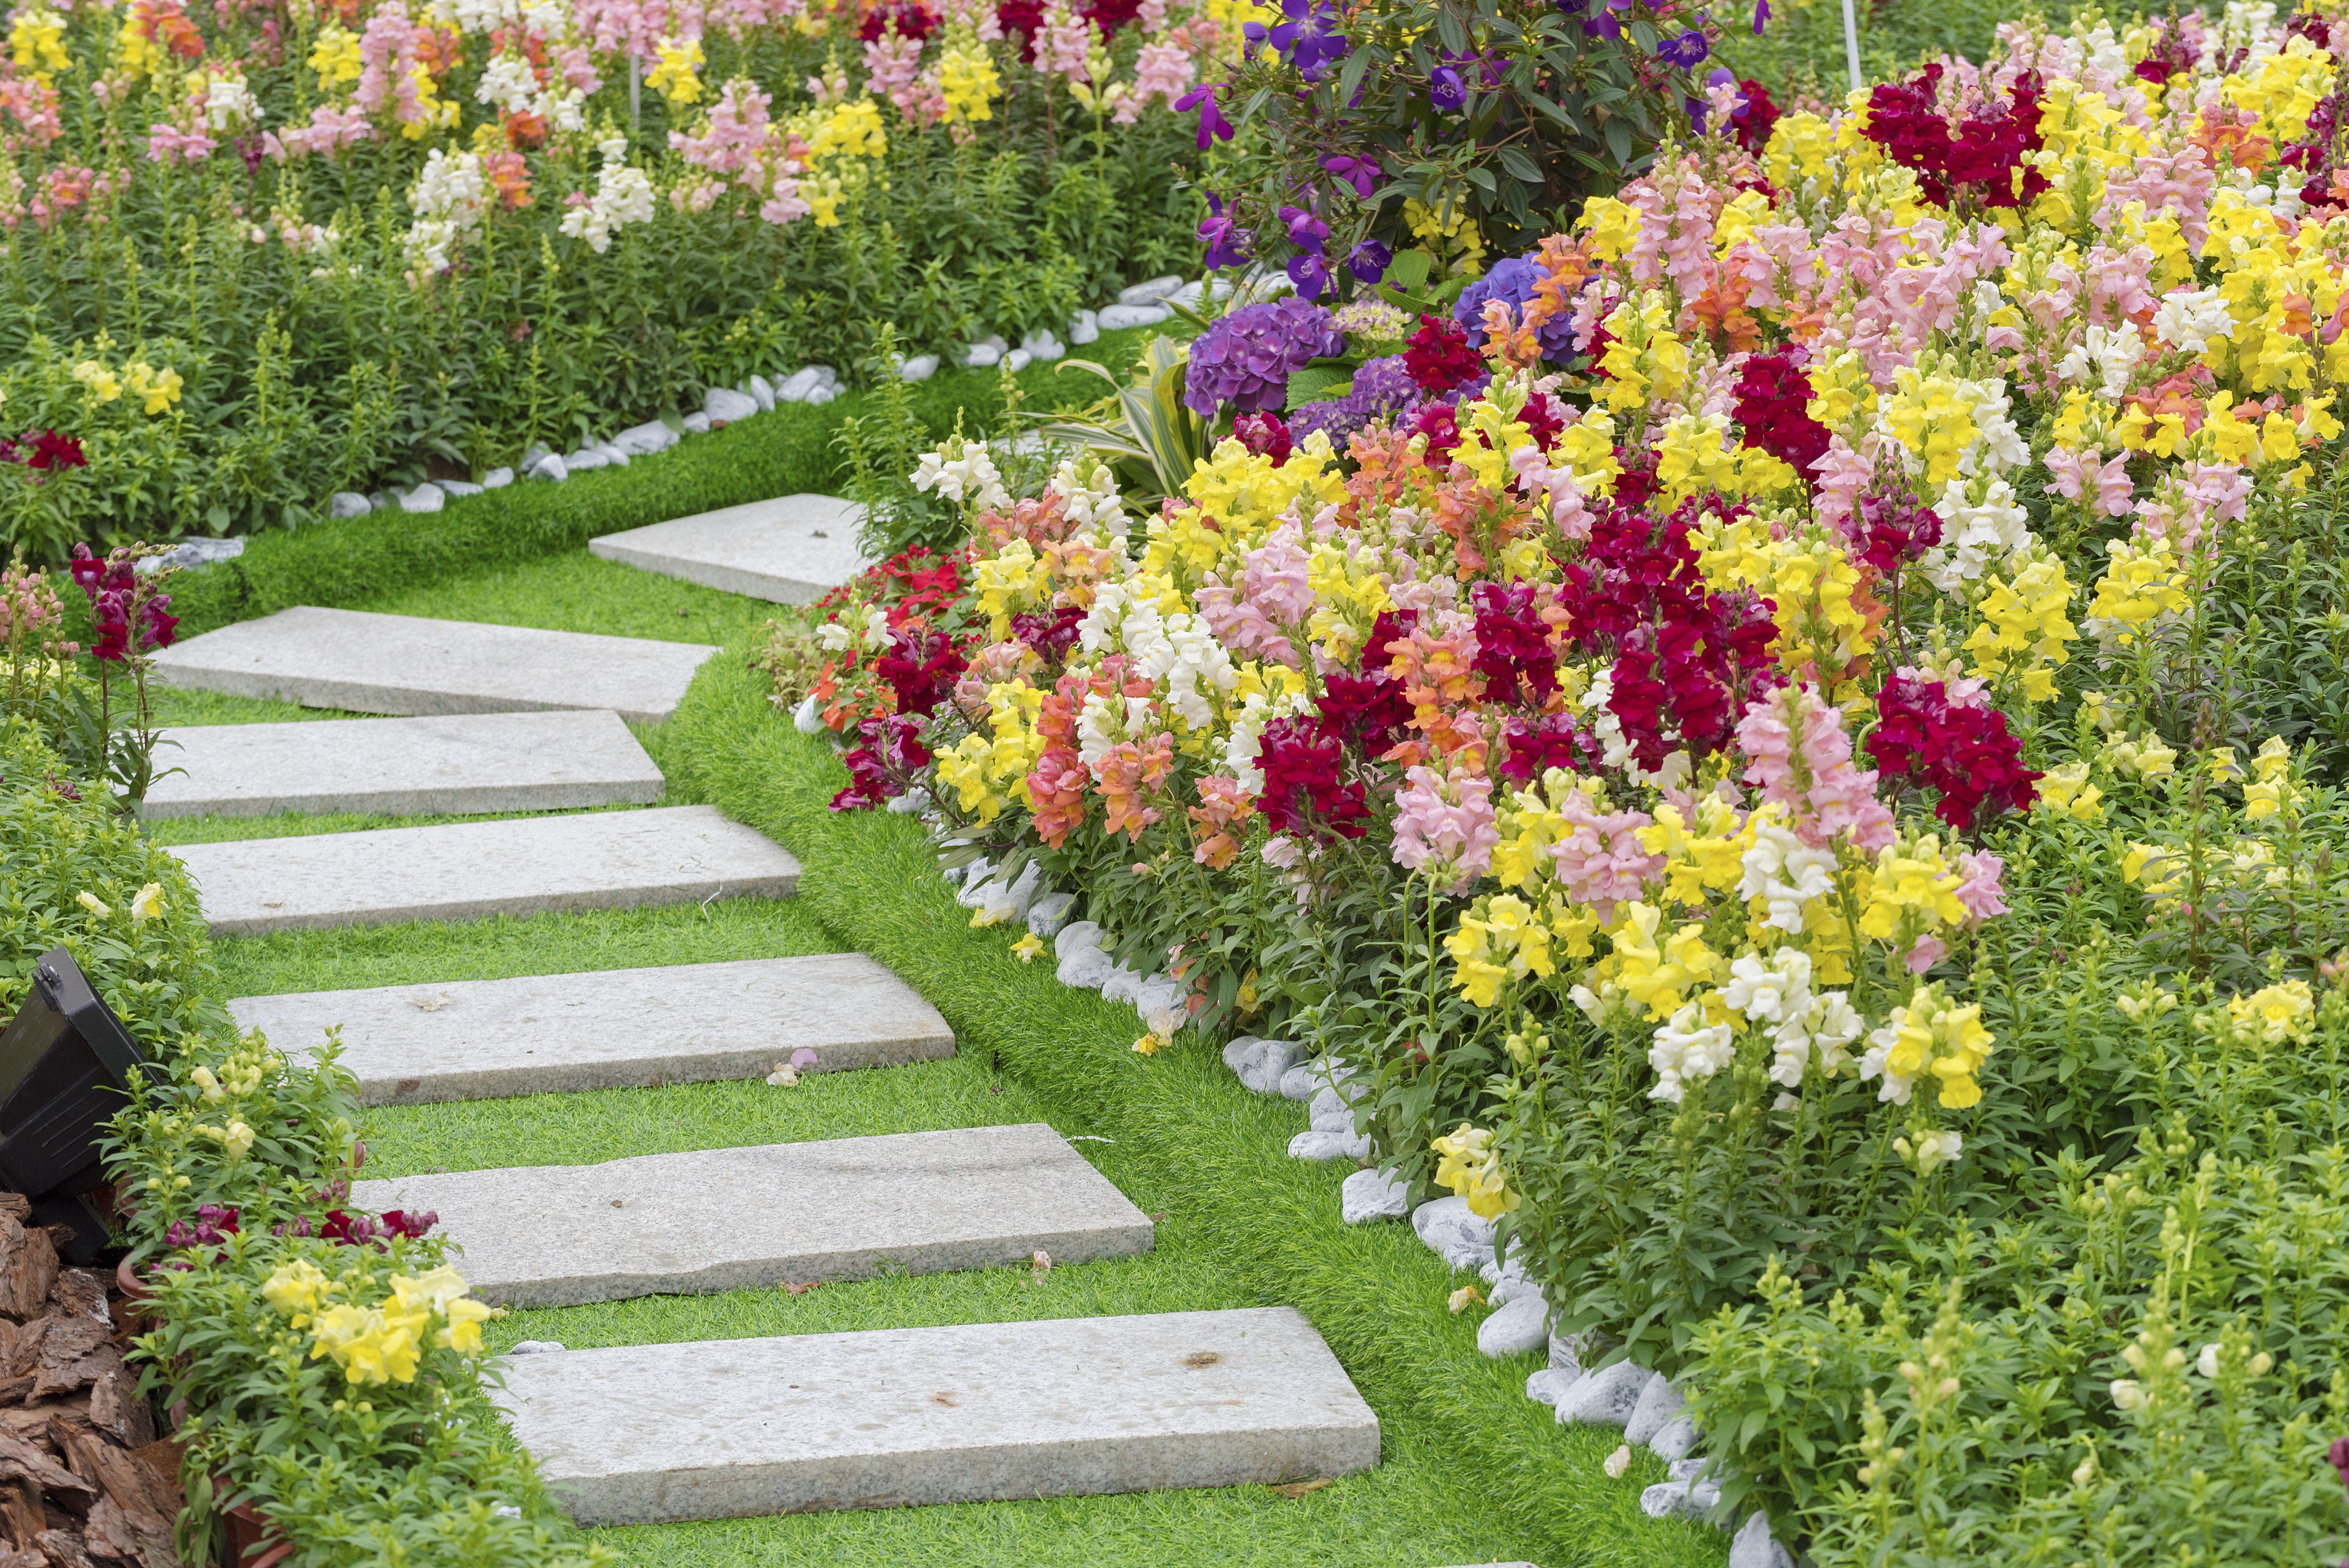 Diseño y mantenimiento de jardines: Nuestros servicios de AS Reformas Integrales